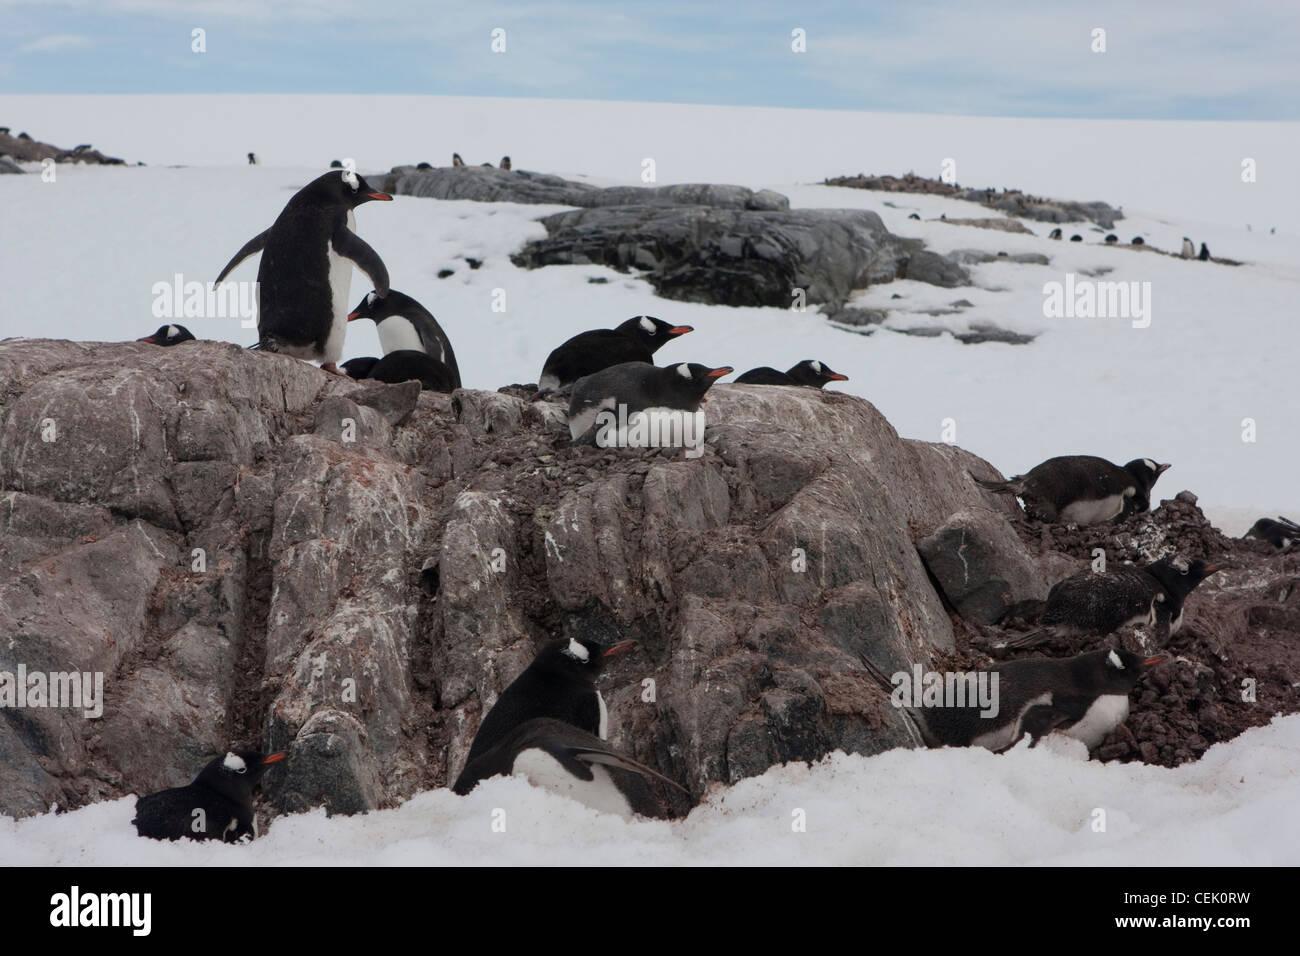 Penguin assis sur un nid dans l'antarctique Banque D'Images